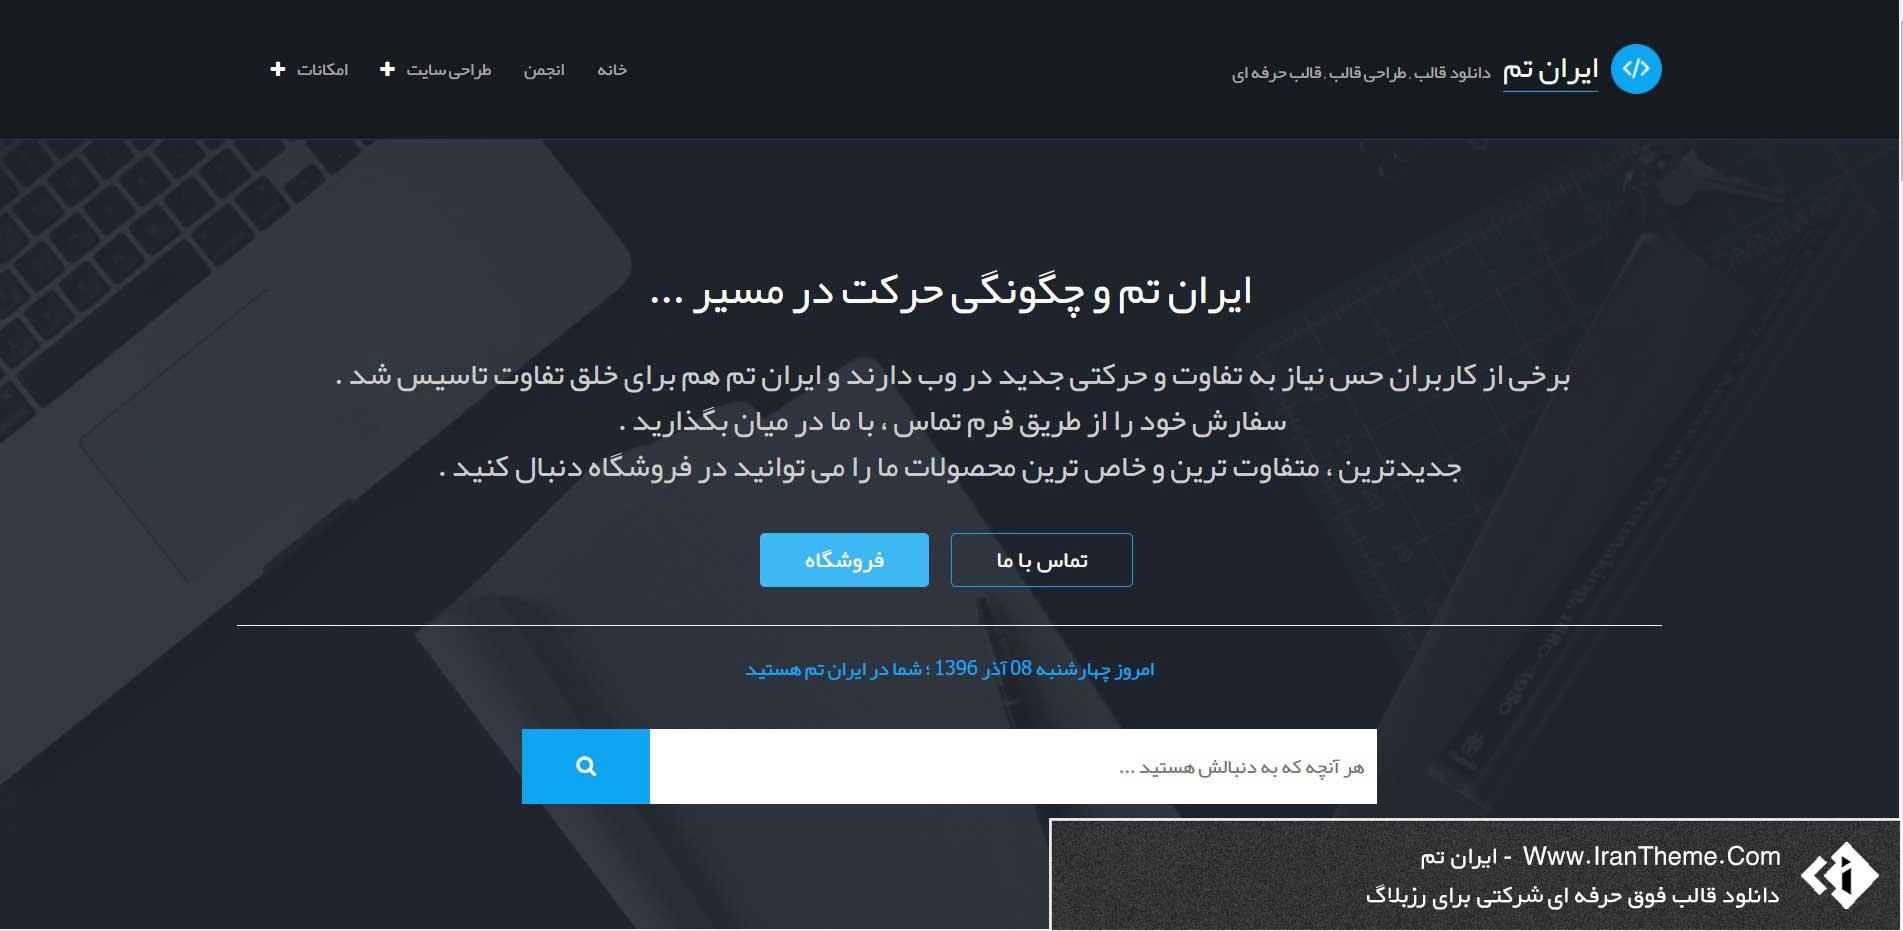 دانلود قالب فوق حرفه ای ایران تم برای رزبلاگ